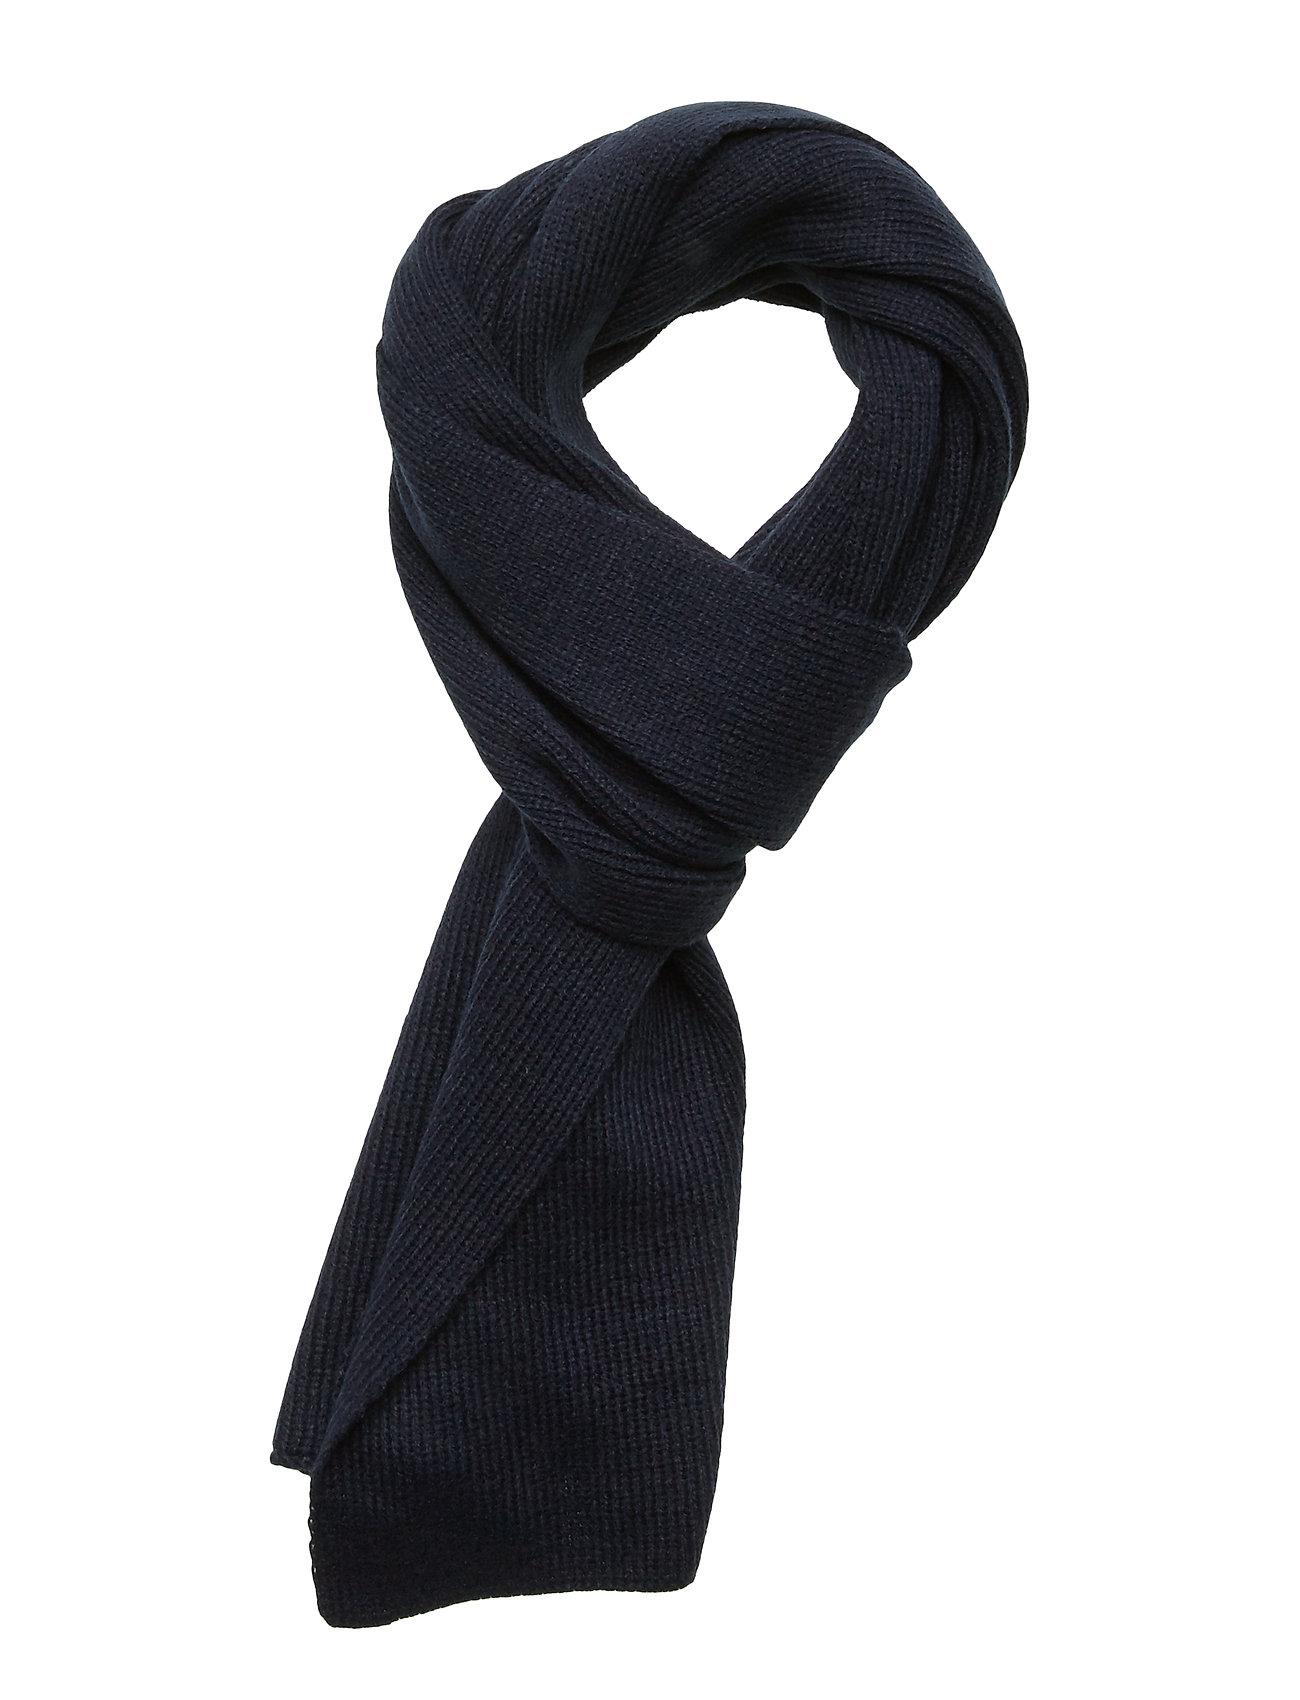 Image of Jacdna Knit Scarf Noos Tørklæde Blå Jack & J S (3216262261)